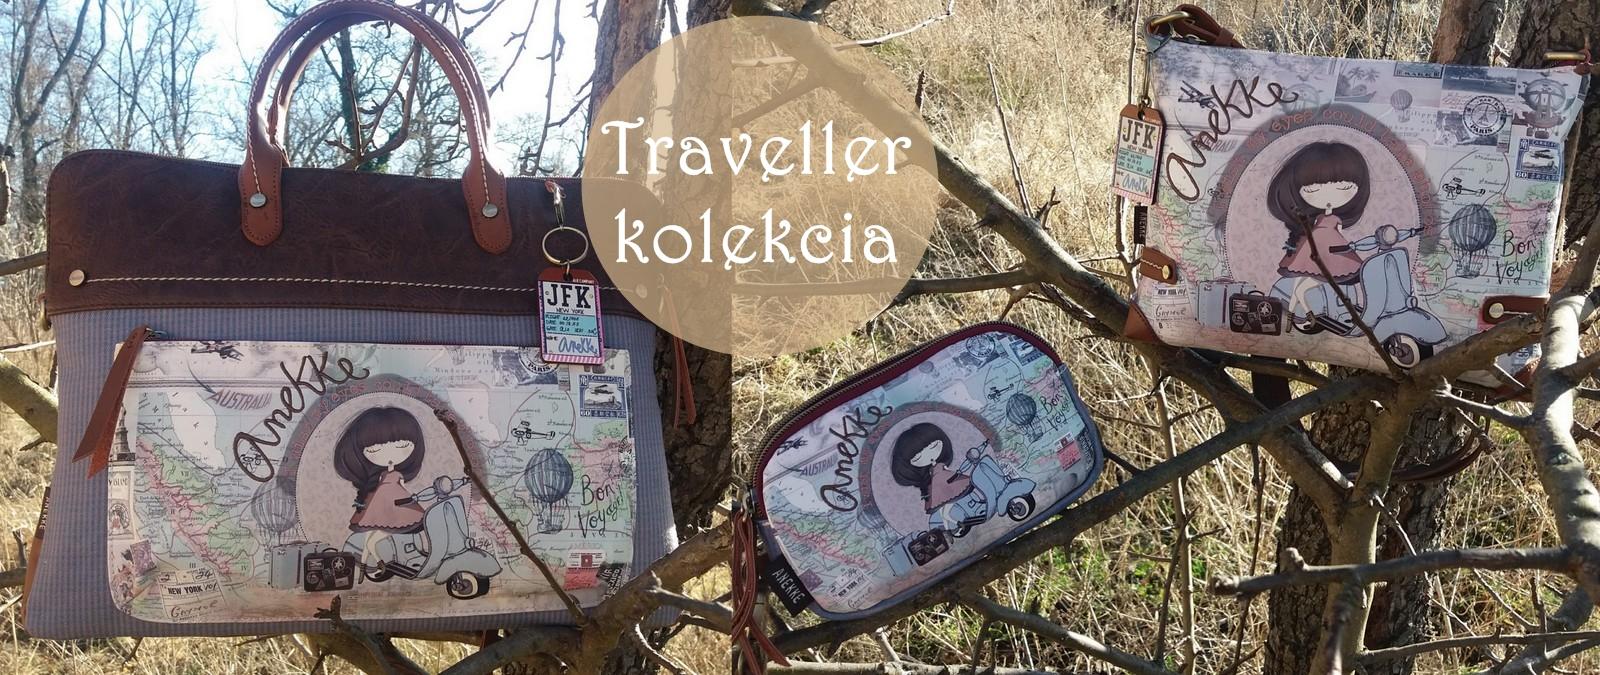 Anekke Traveller